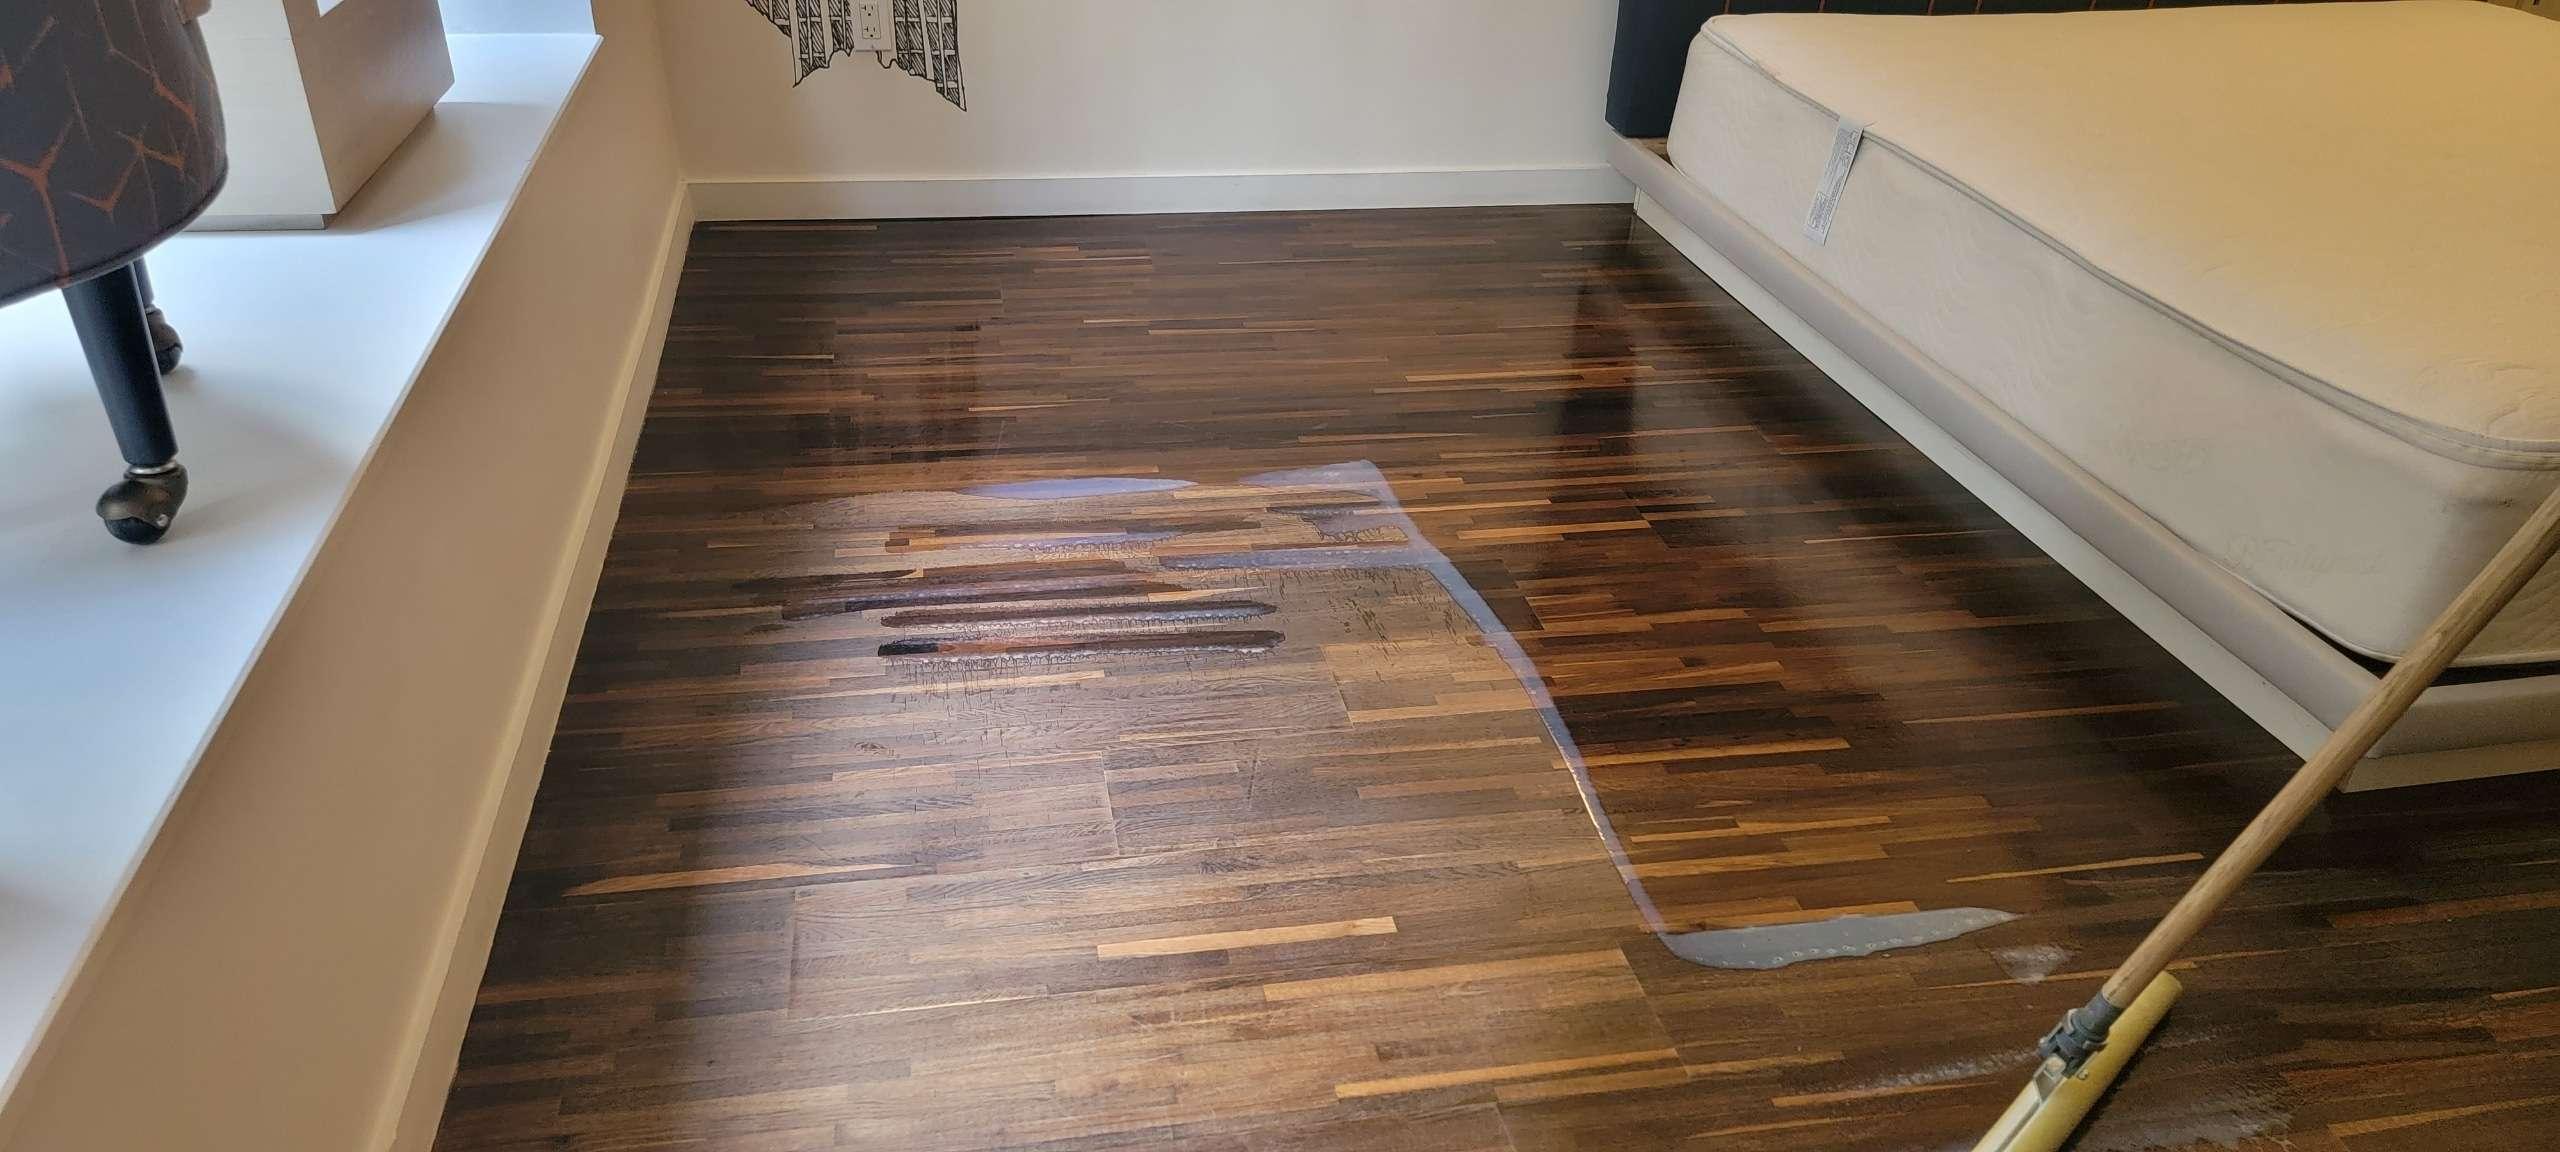 https://www.fantasticcarpetcleaningnyc.com/wp-content/uploads/2021/10/wood-floors-coat.jpeg